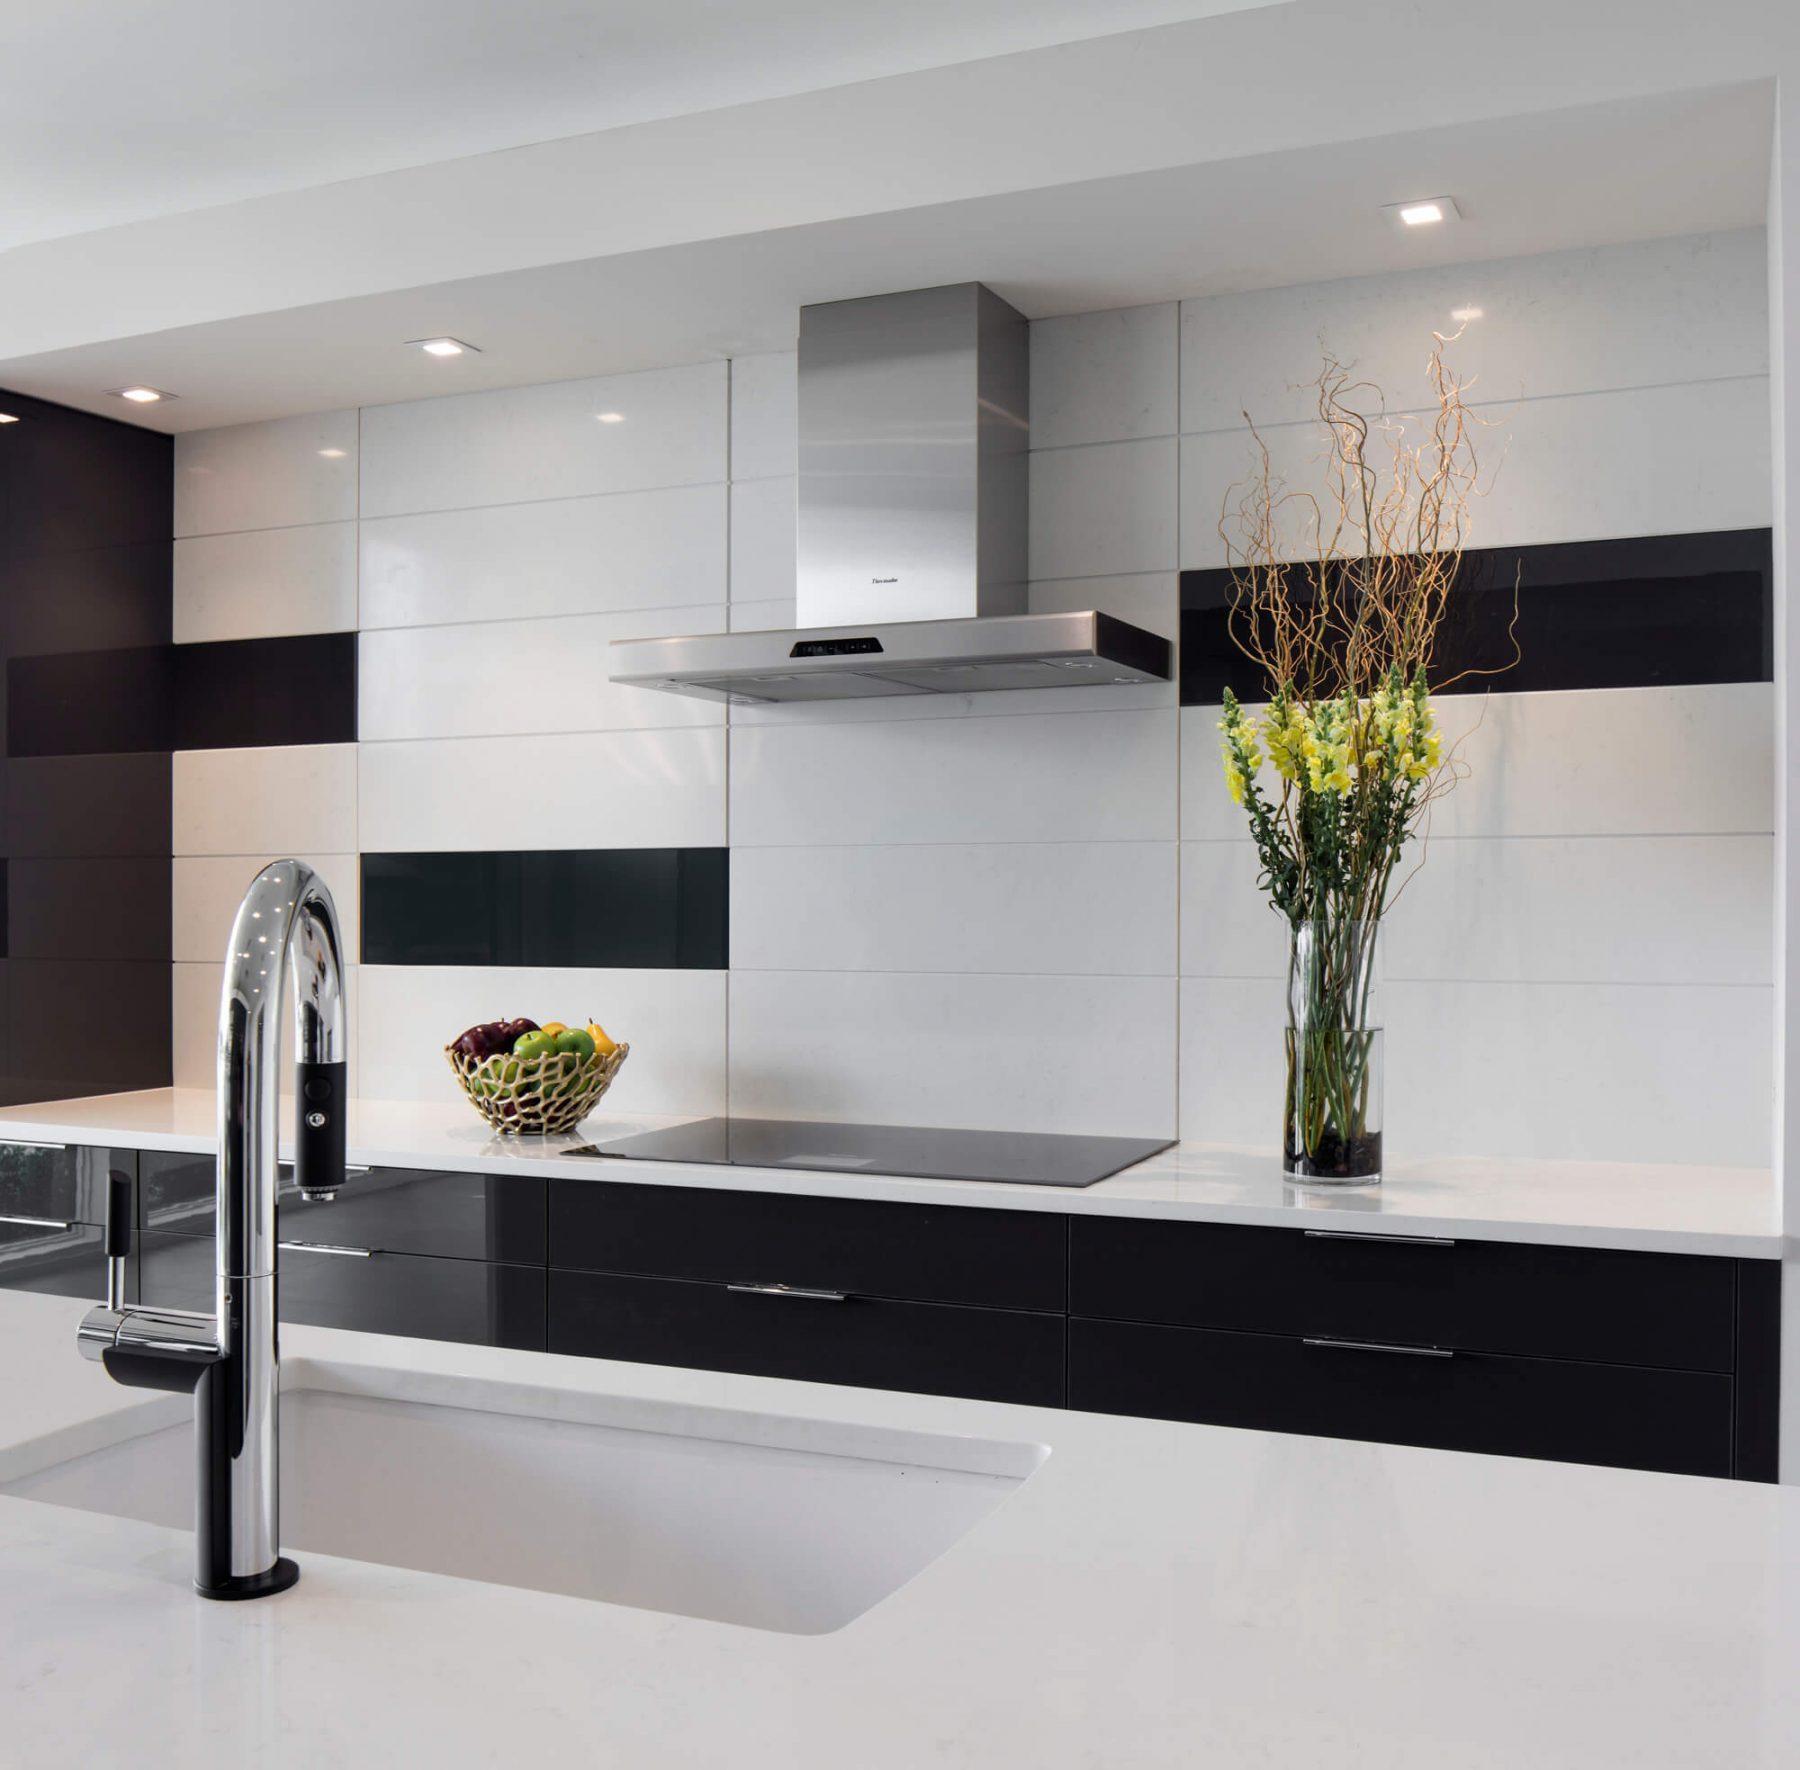 5 unique kitchen backsplash ideas for